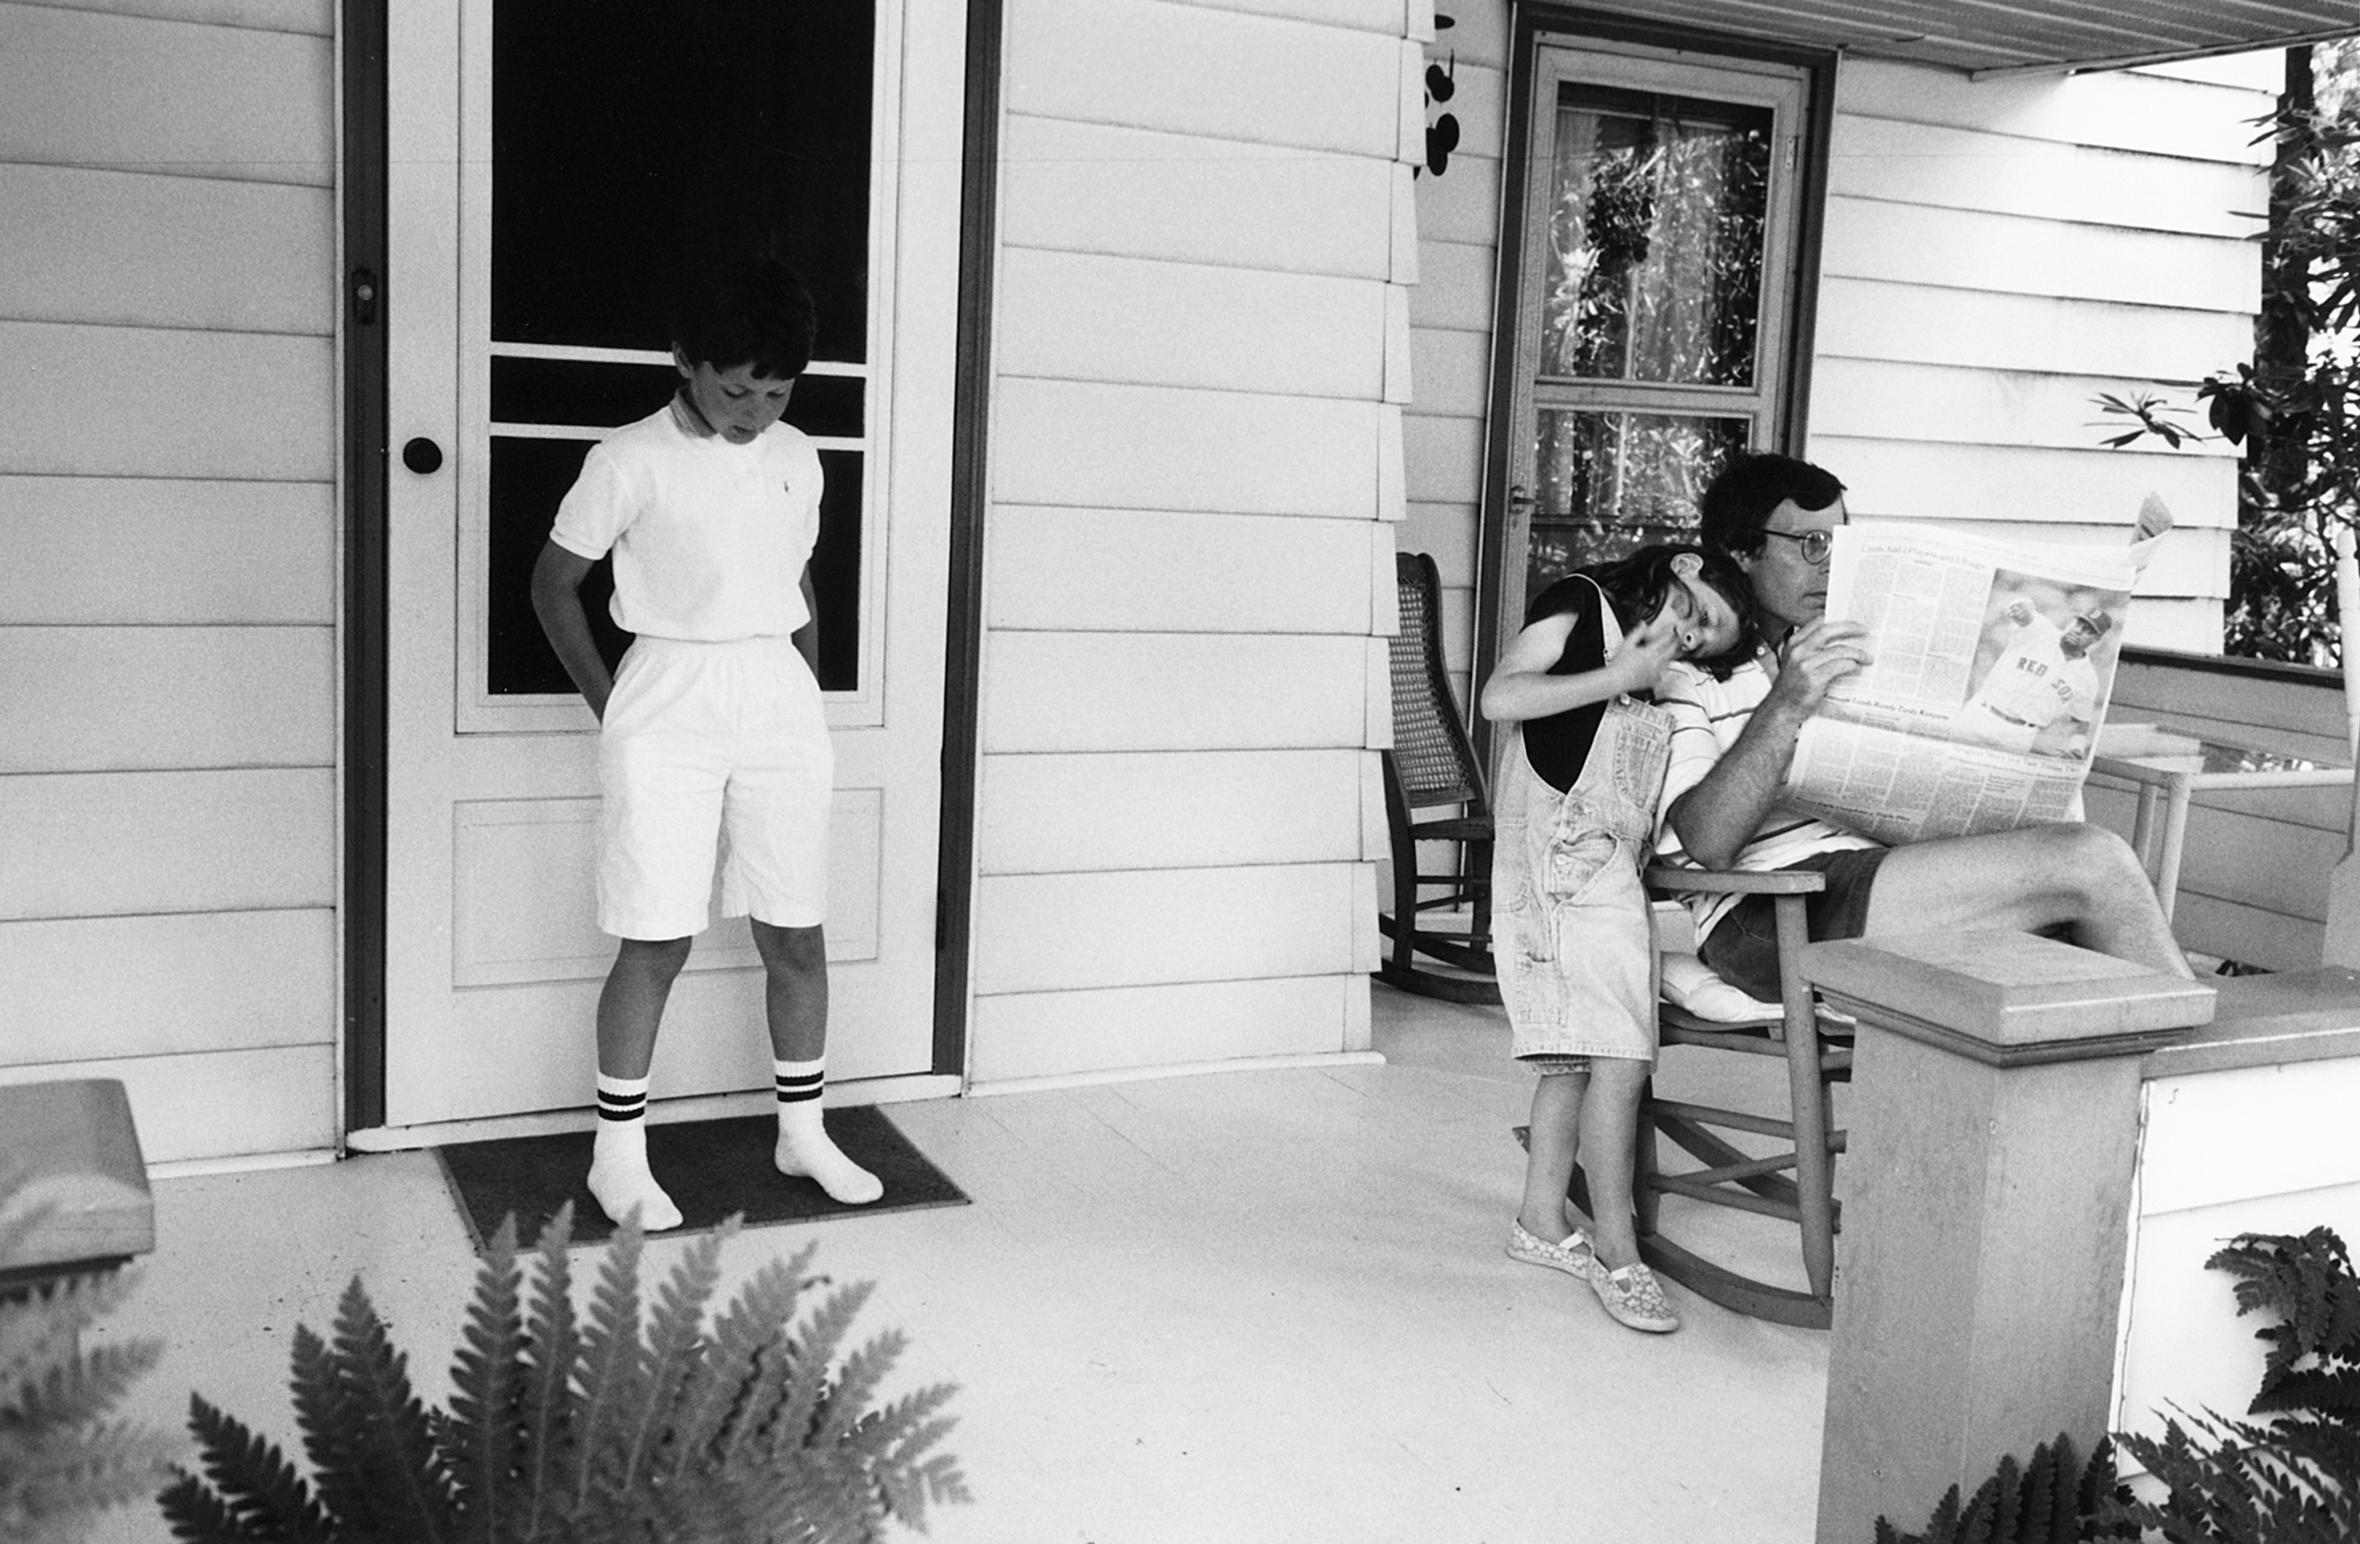 393 - Bernstein - Porches